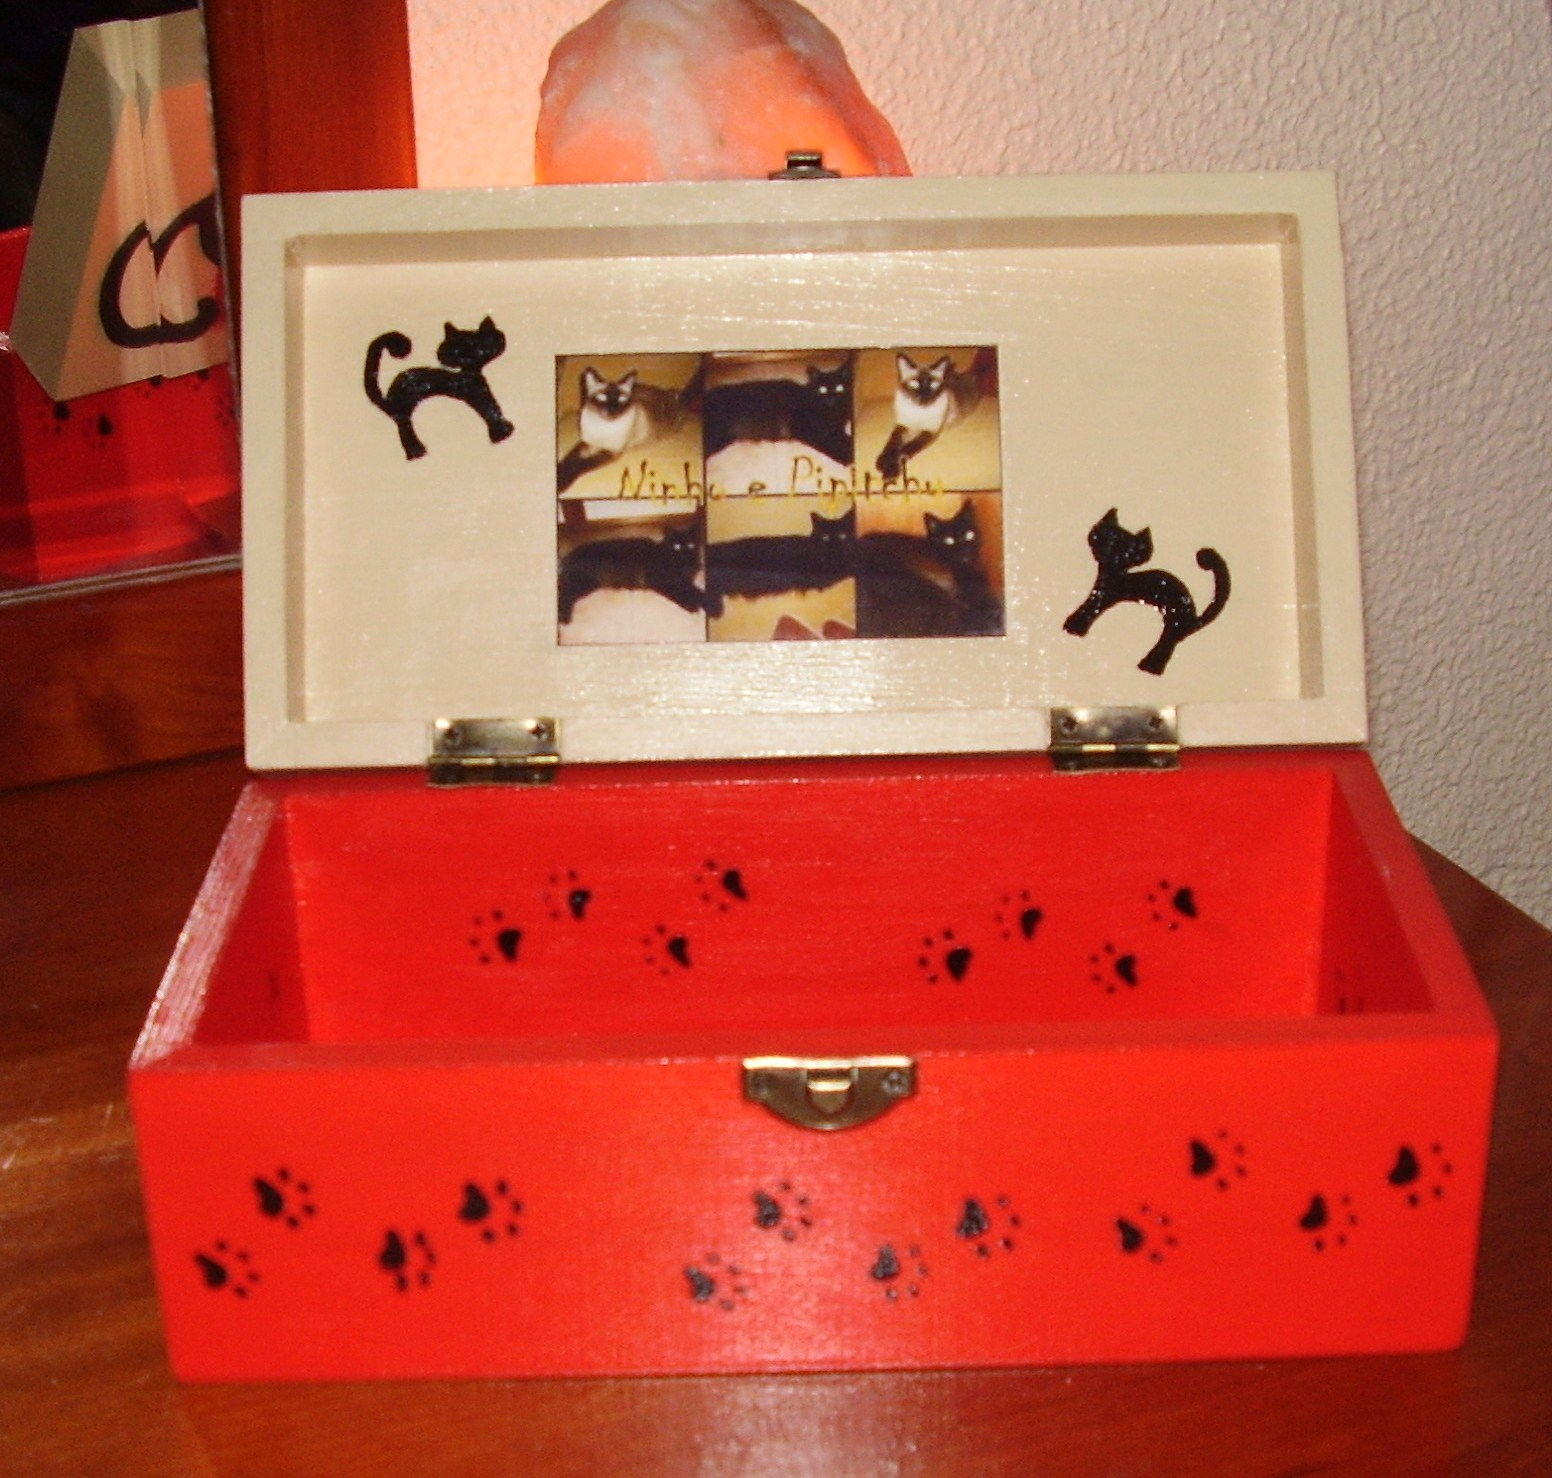 Caixa Personalizada com a Foto dos 2 Amigos de 4 Patas da Lilian Silva  #B81C13 1552x1478